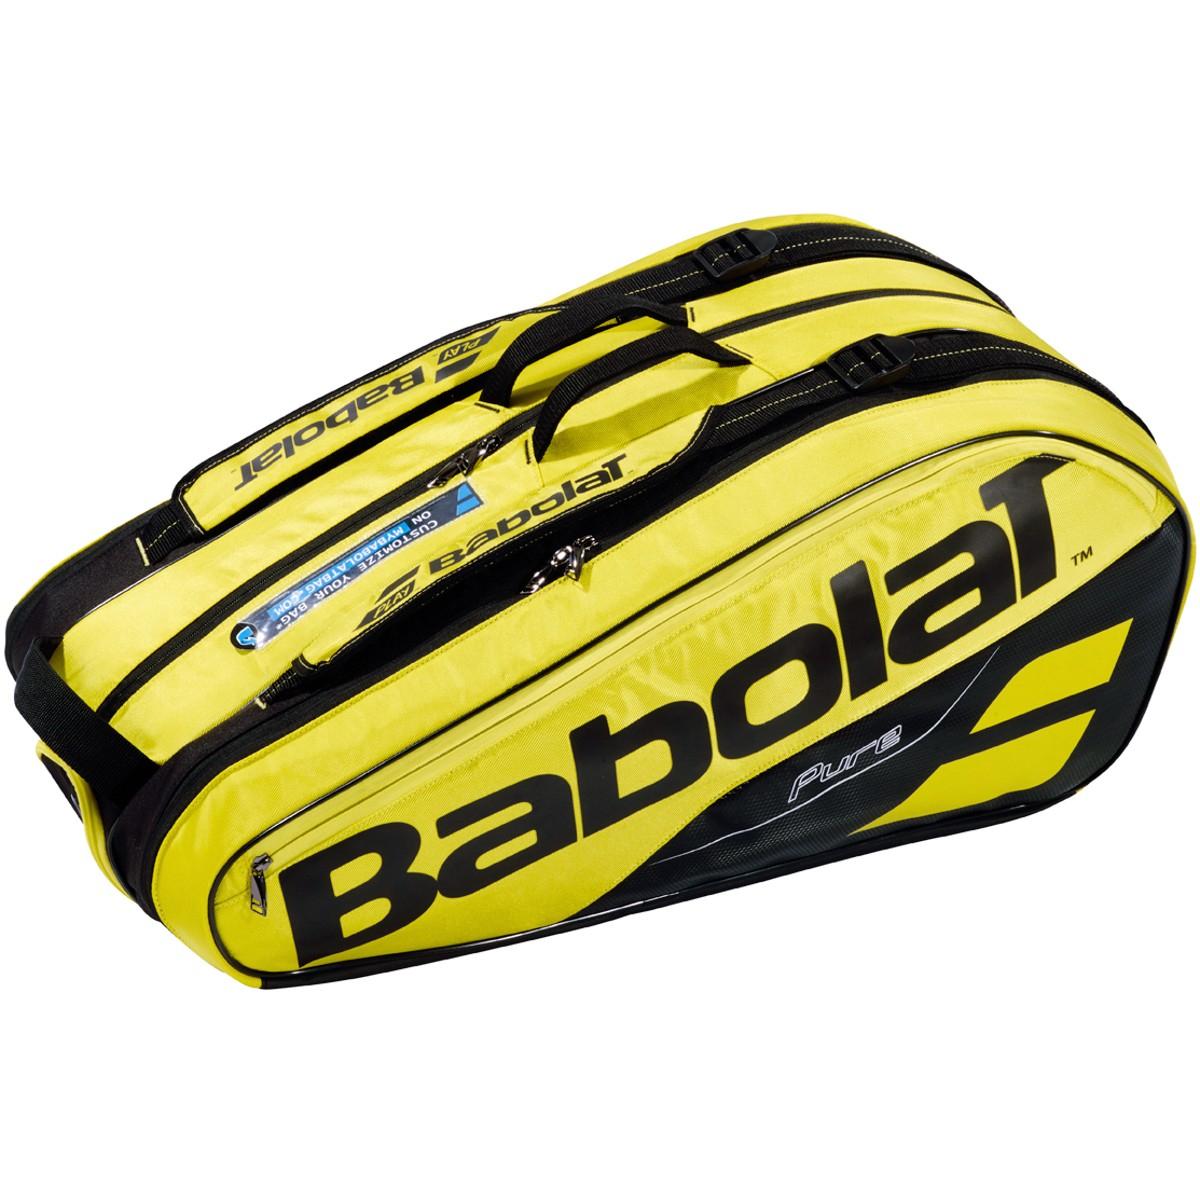 Sac de Tennis Babolat 9 raquettes (tennispro.fr)